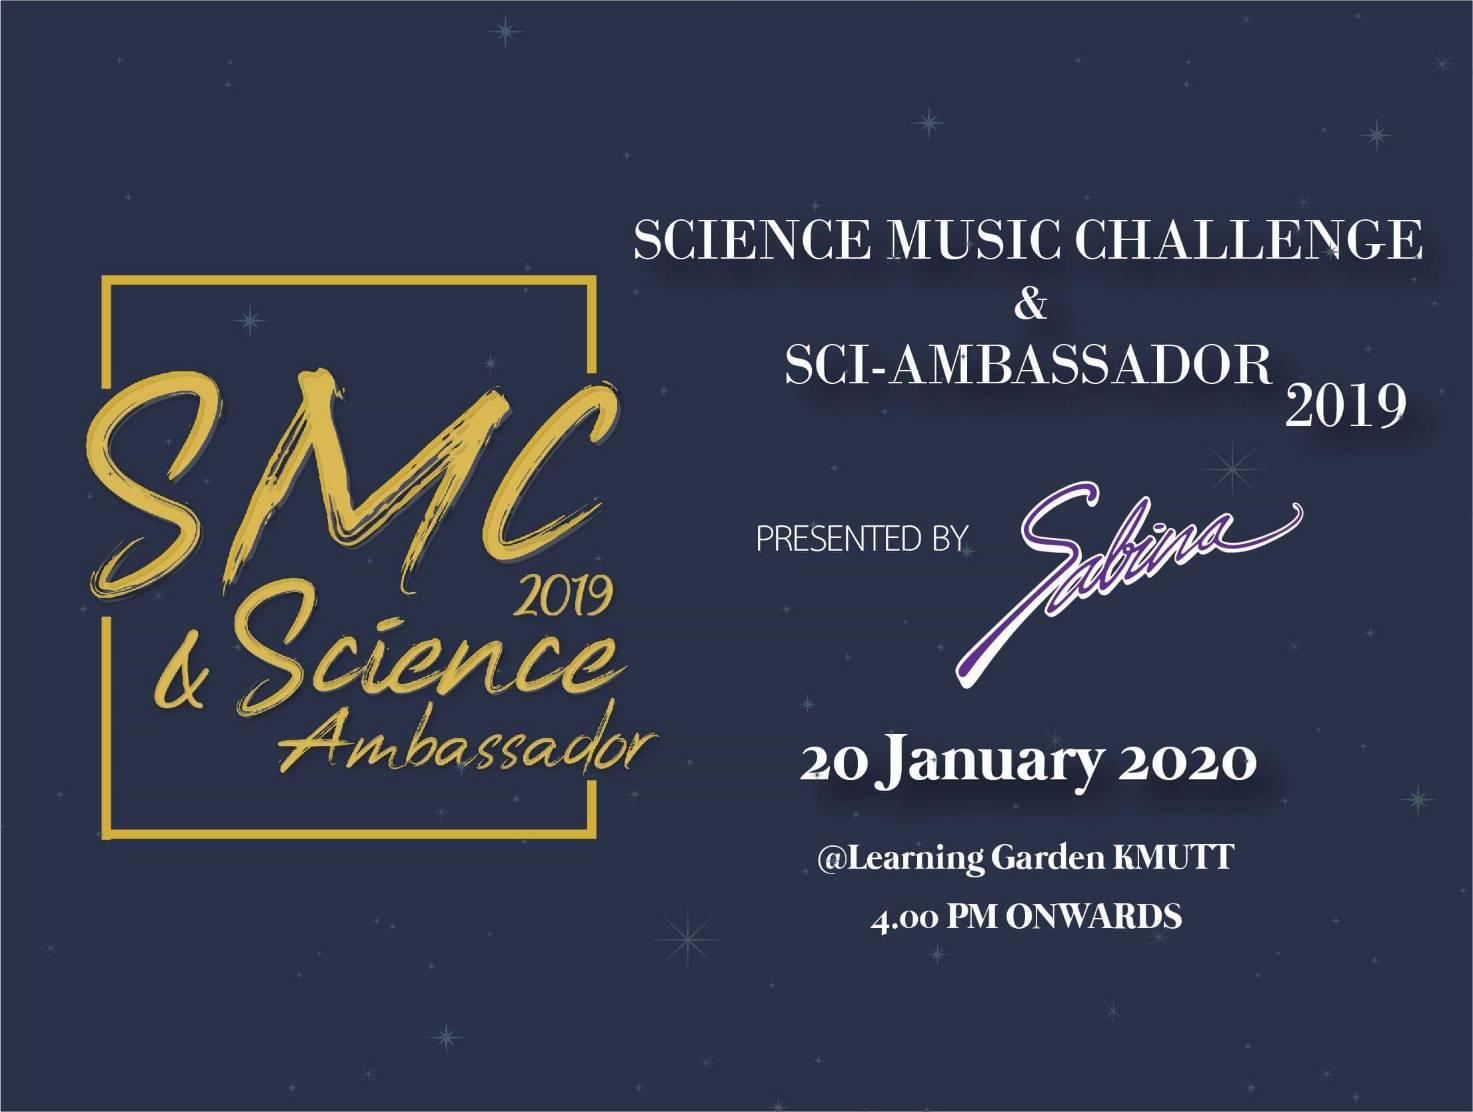 """บริษัท ซาบีน่า ฟาร์อีสท์ จำกัด  ร่วมเป็นส่วนหนึ่งในการสนับสนุนกิจกรรม """"Science Music Challenge & Sci-Ambassador 2019"""""""